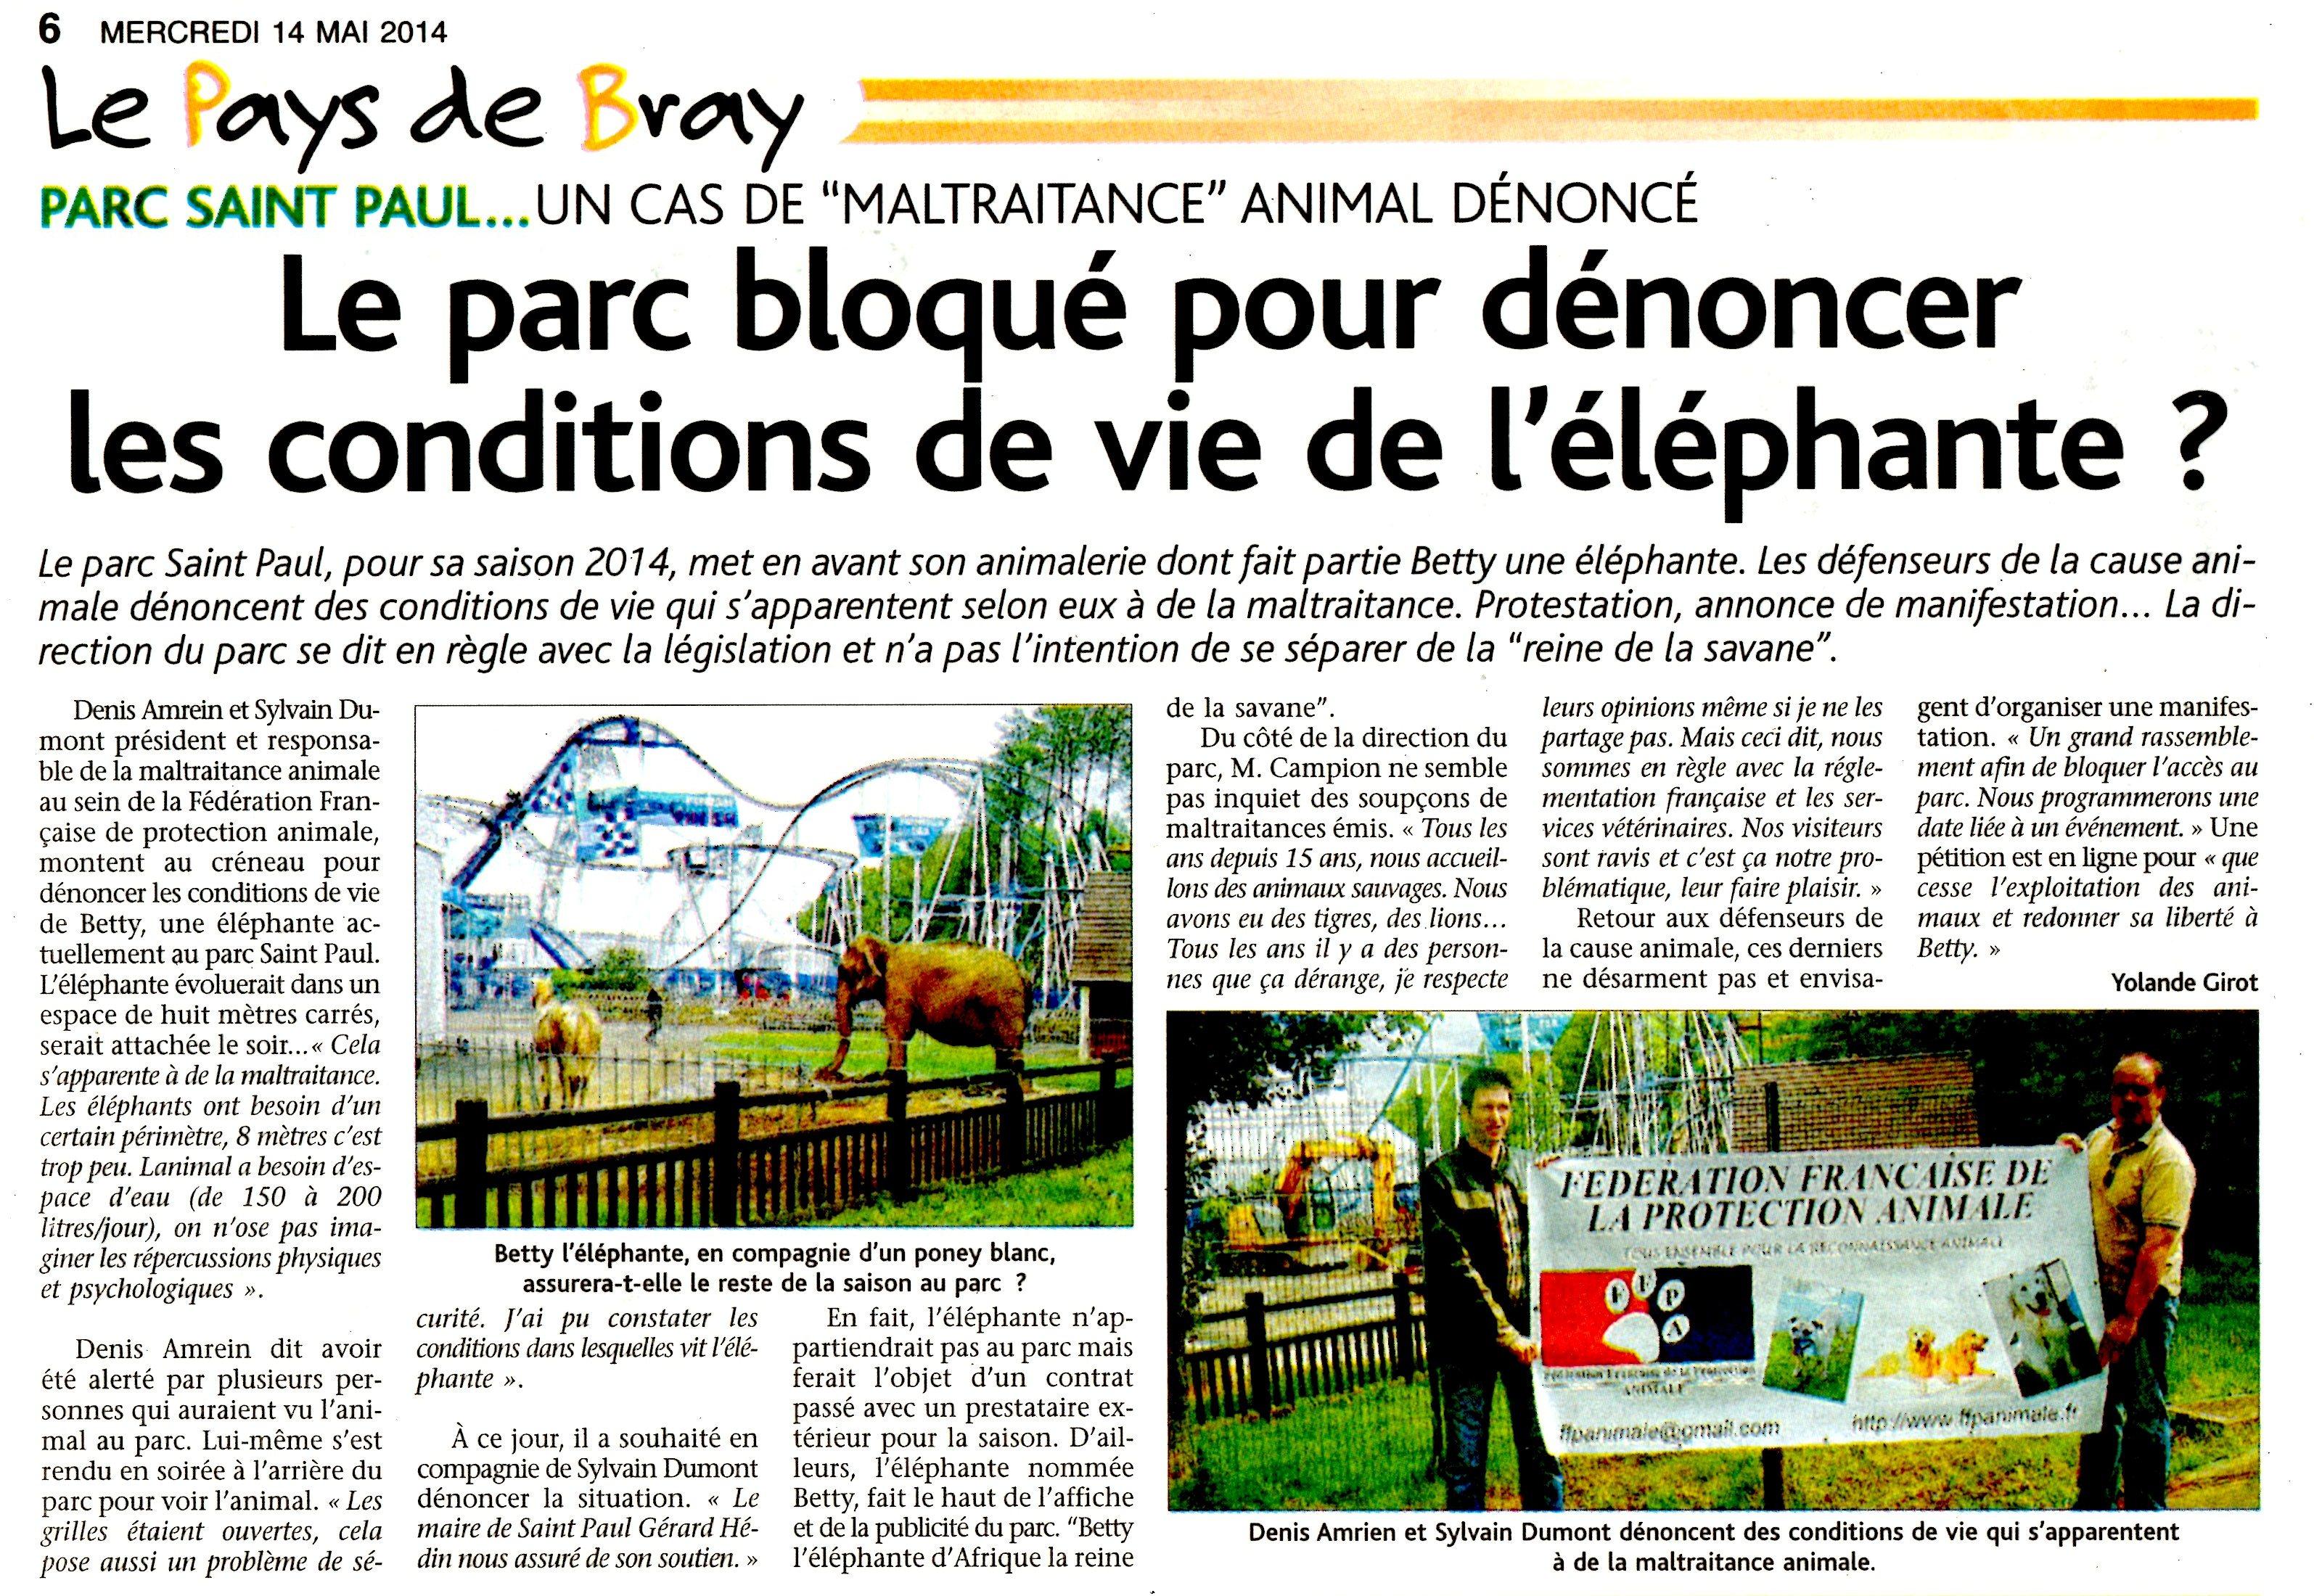 L'ECLAIREUR PAYS DE BRAY 14 MAI 2014 BETT003